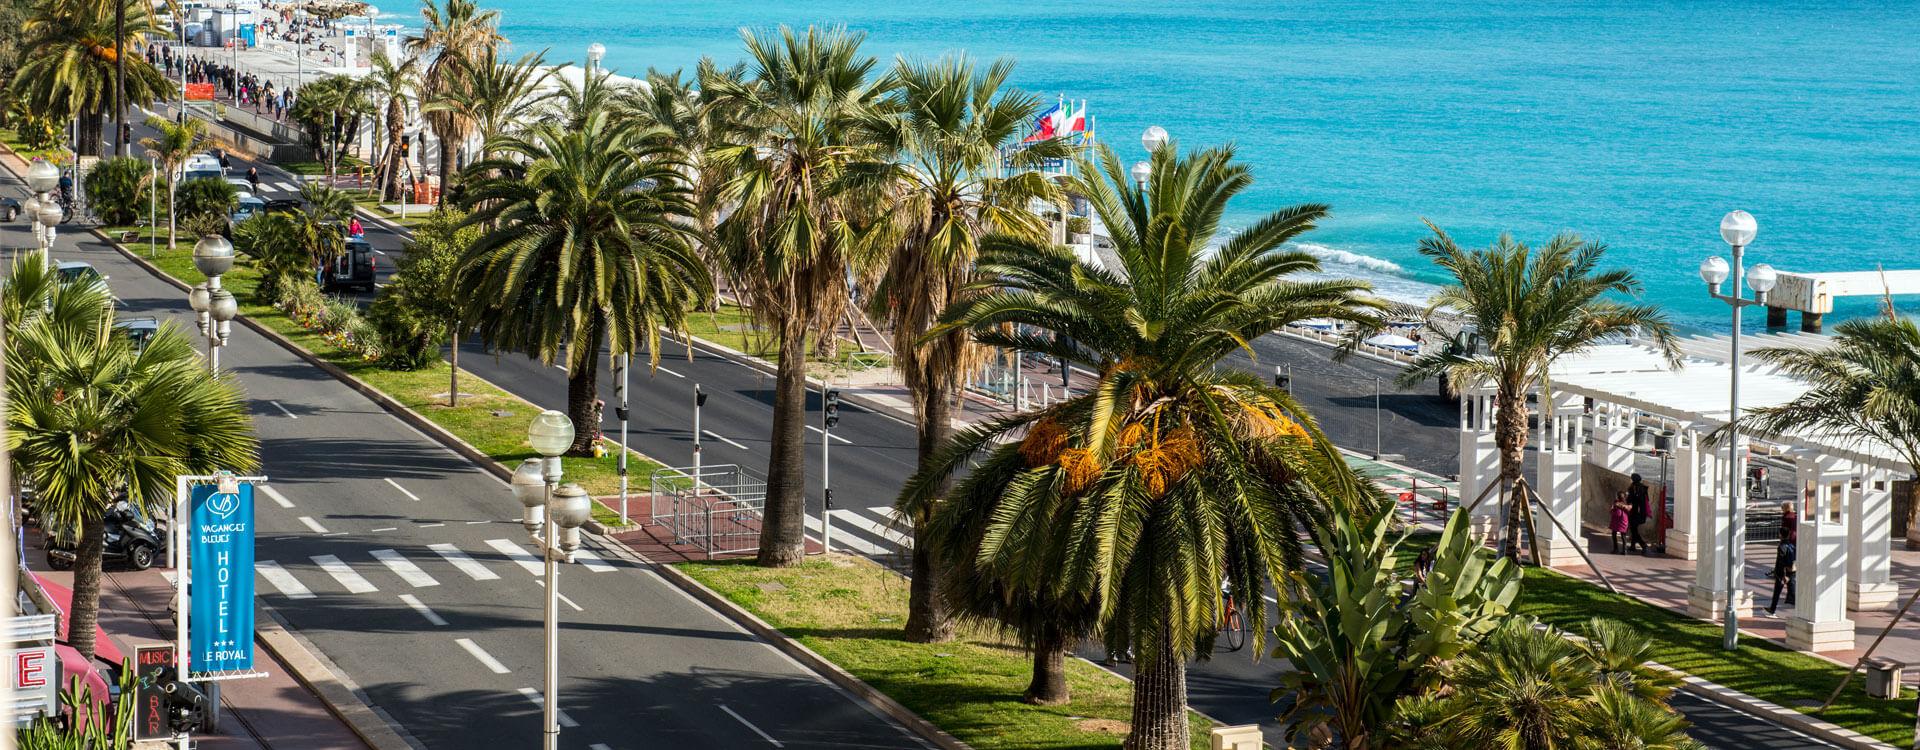 Actualités - Hôtel*** Le Royal à Nice